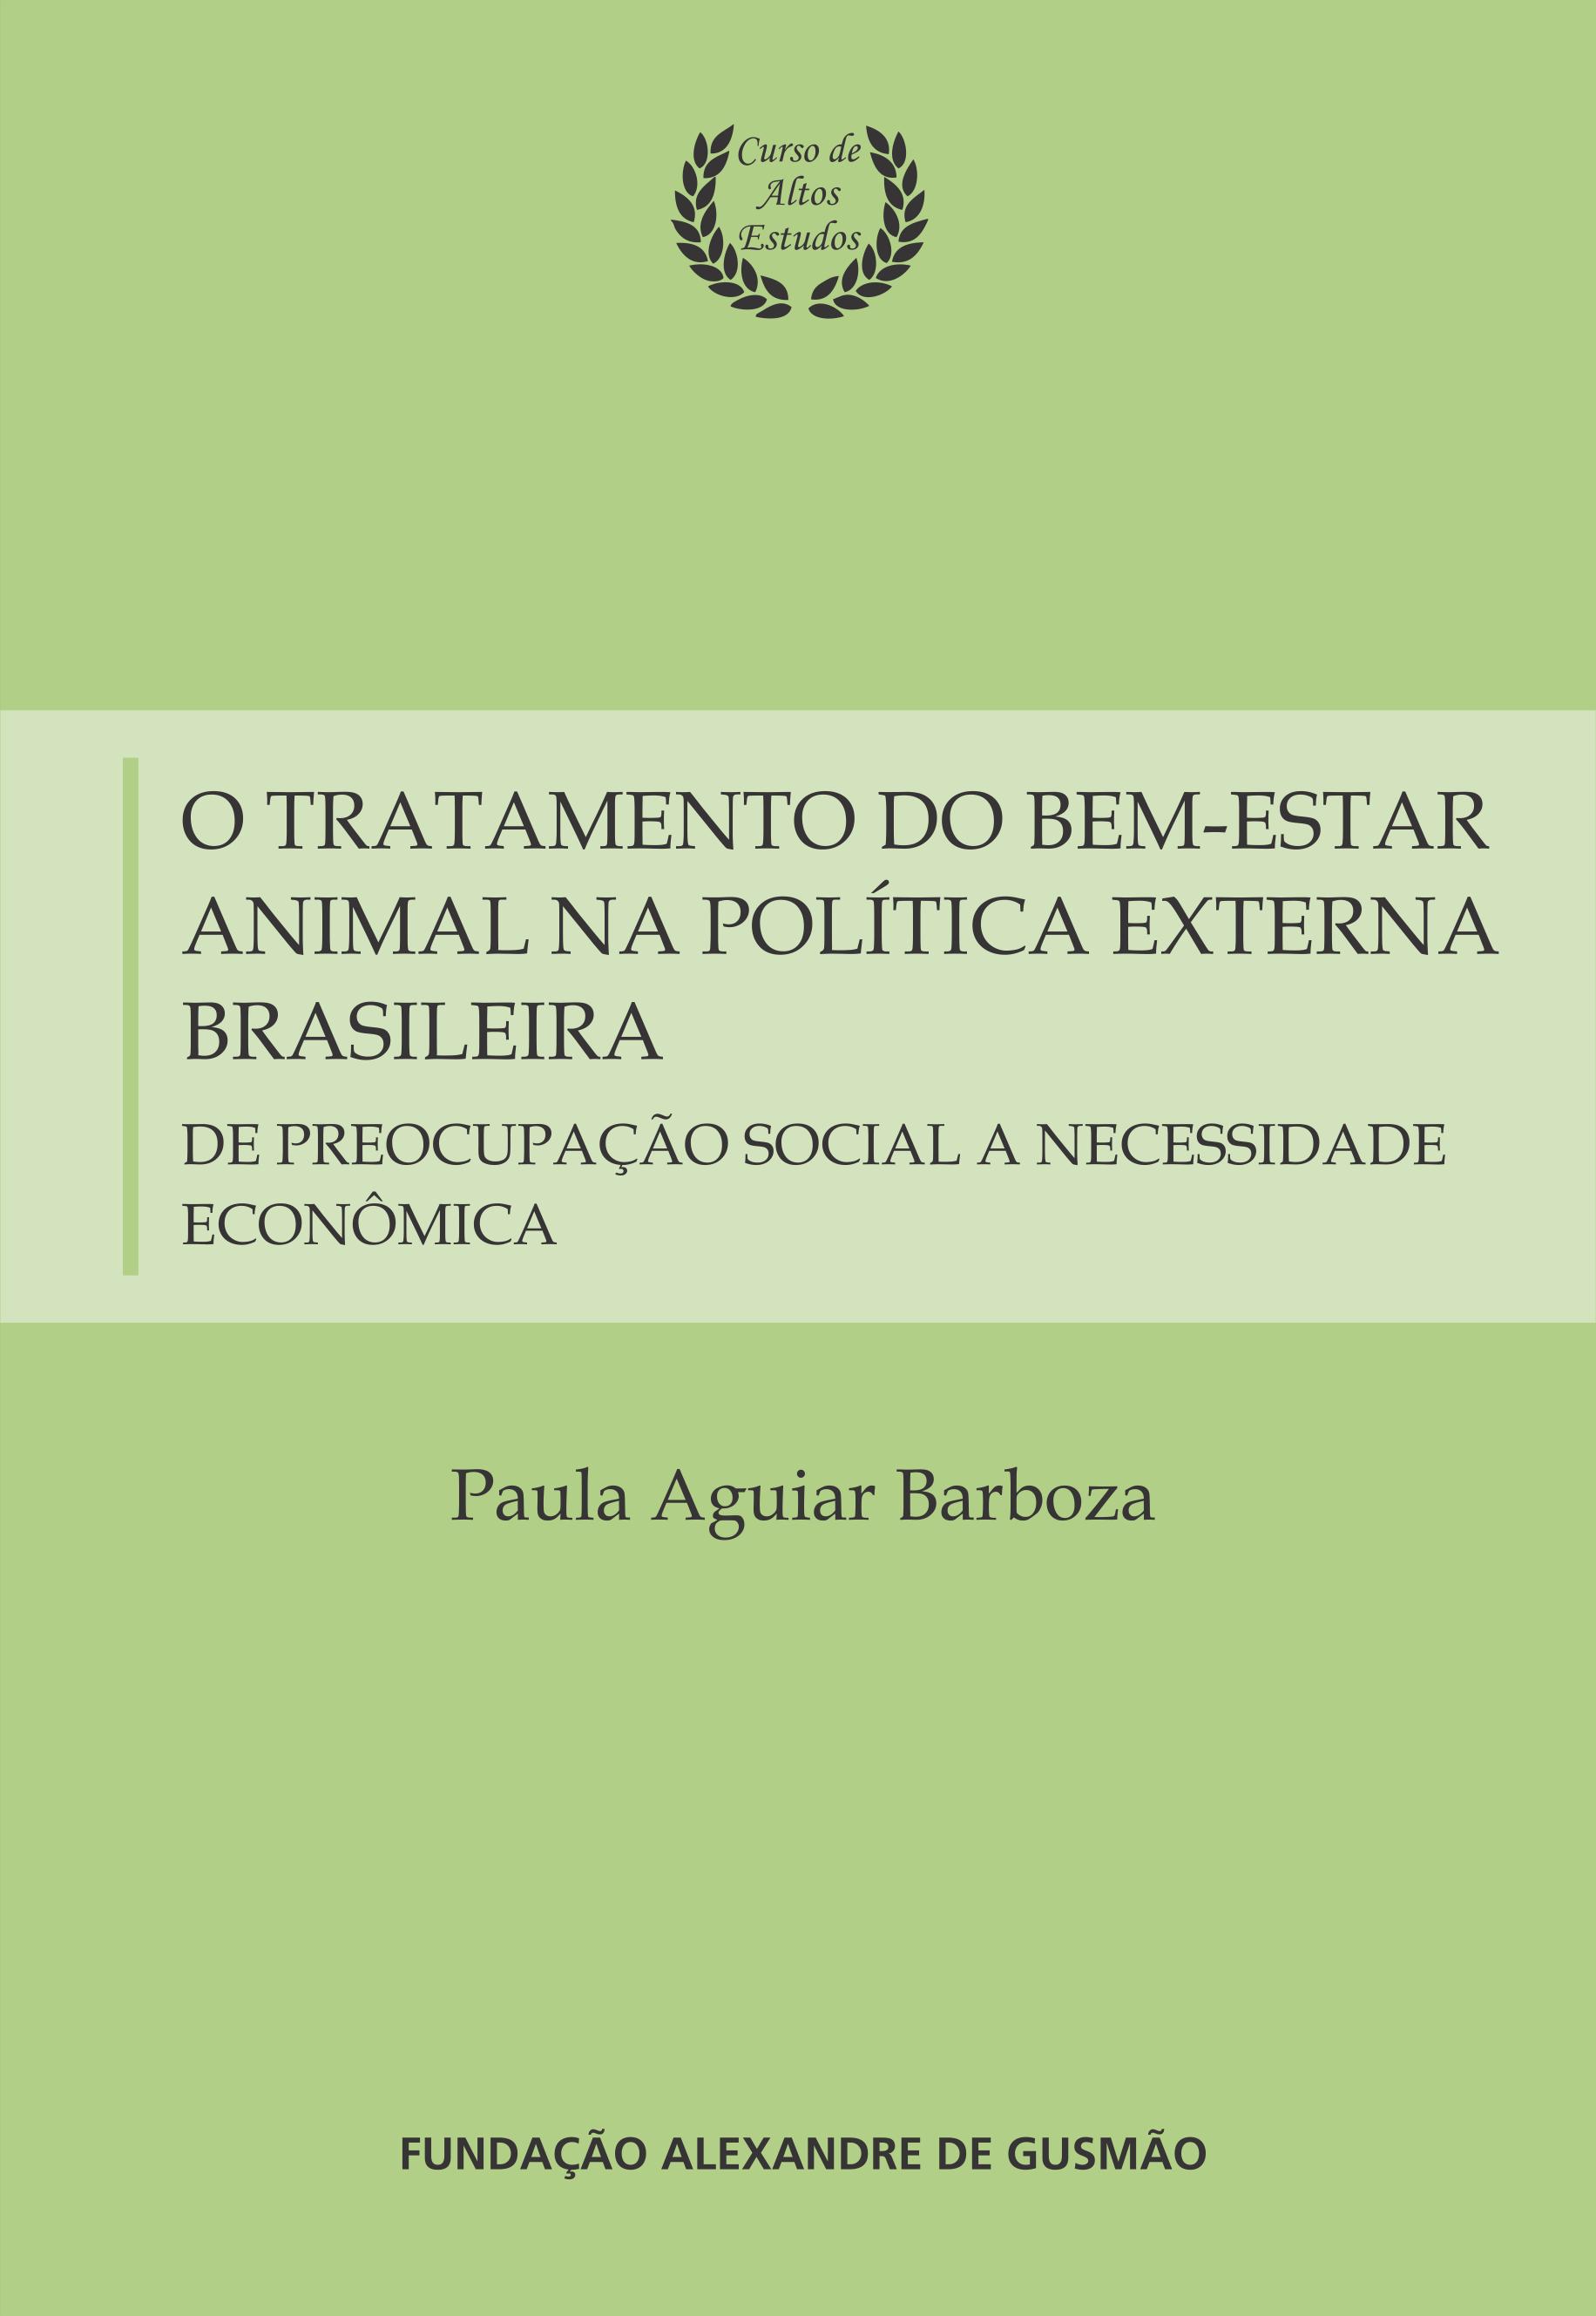 O tratamento do bem-estar animal na política externa brasileira: de preocupação social a necessidade econômica